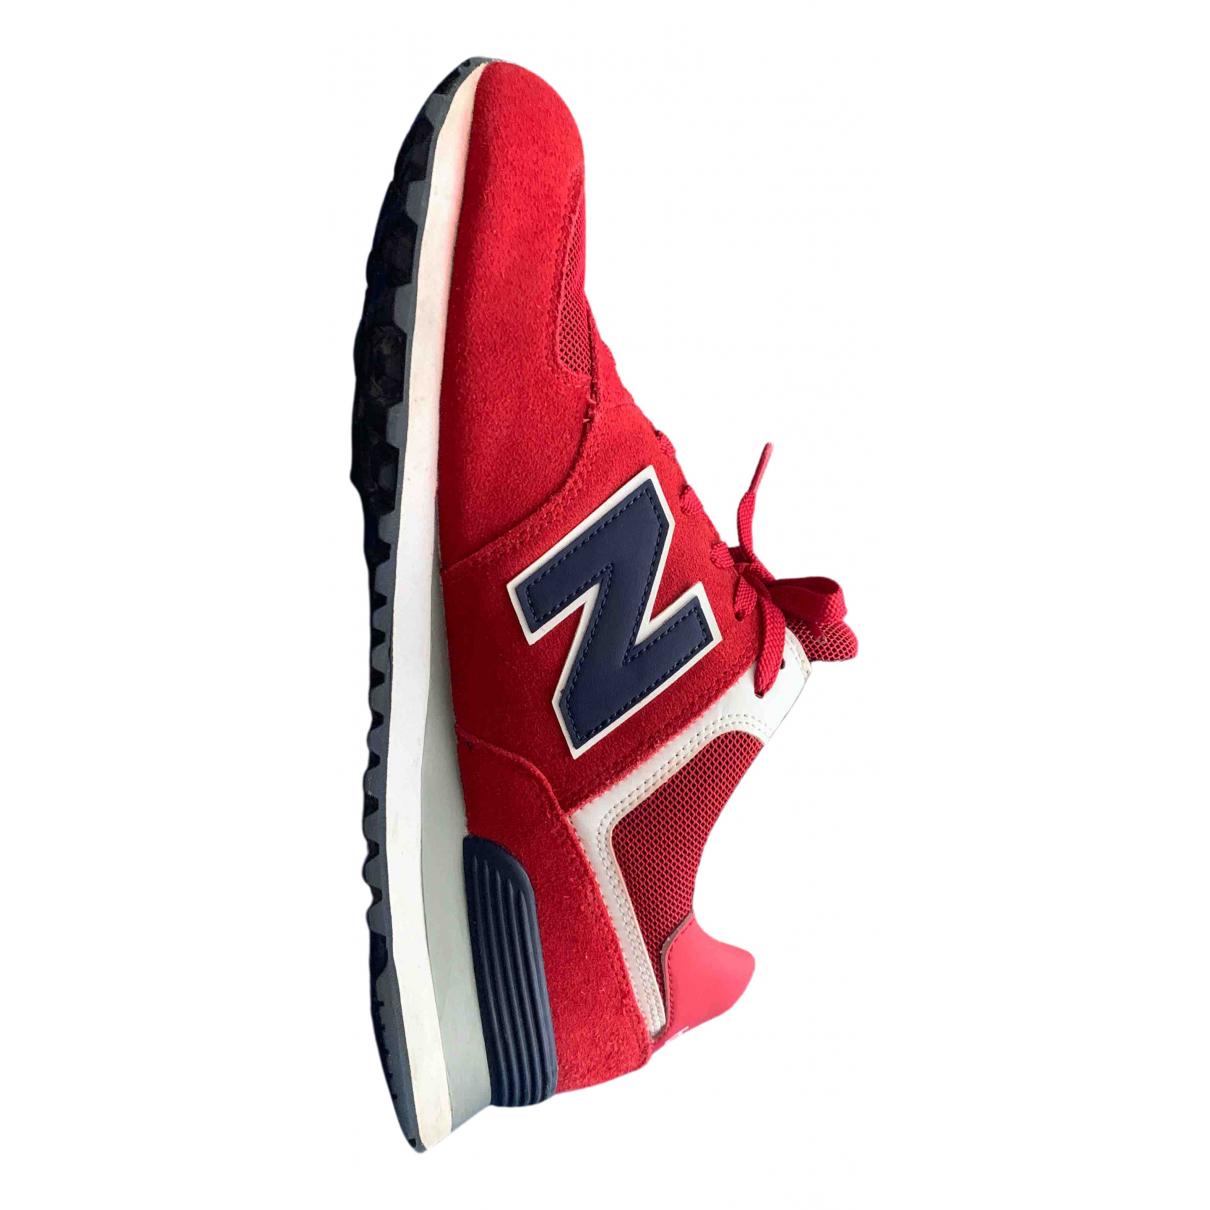 New Balance - Baskets   pour homme en toile - rouge